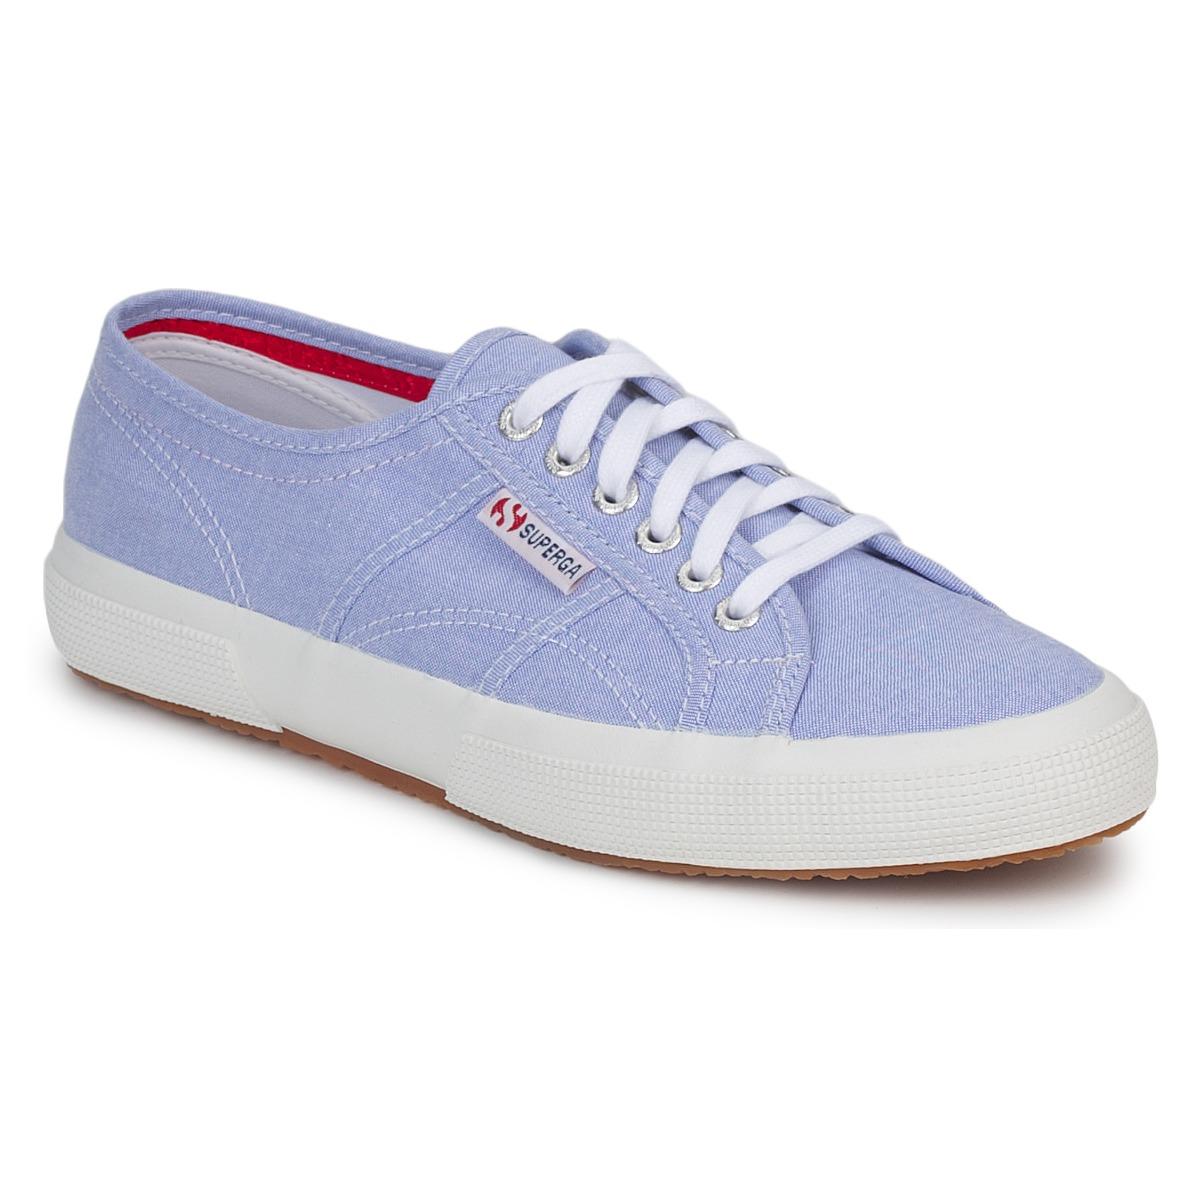 Superga 2750 COTUSHIRT Blue / Cream / Lt